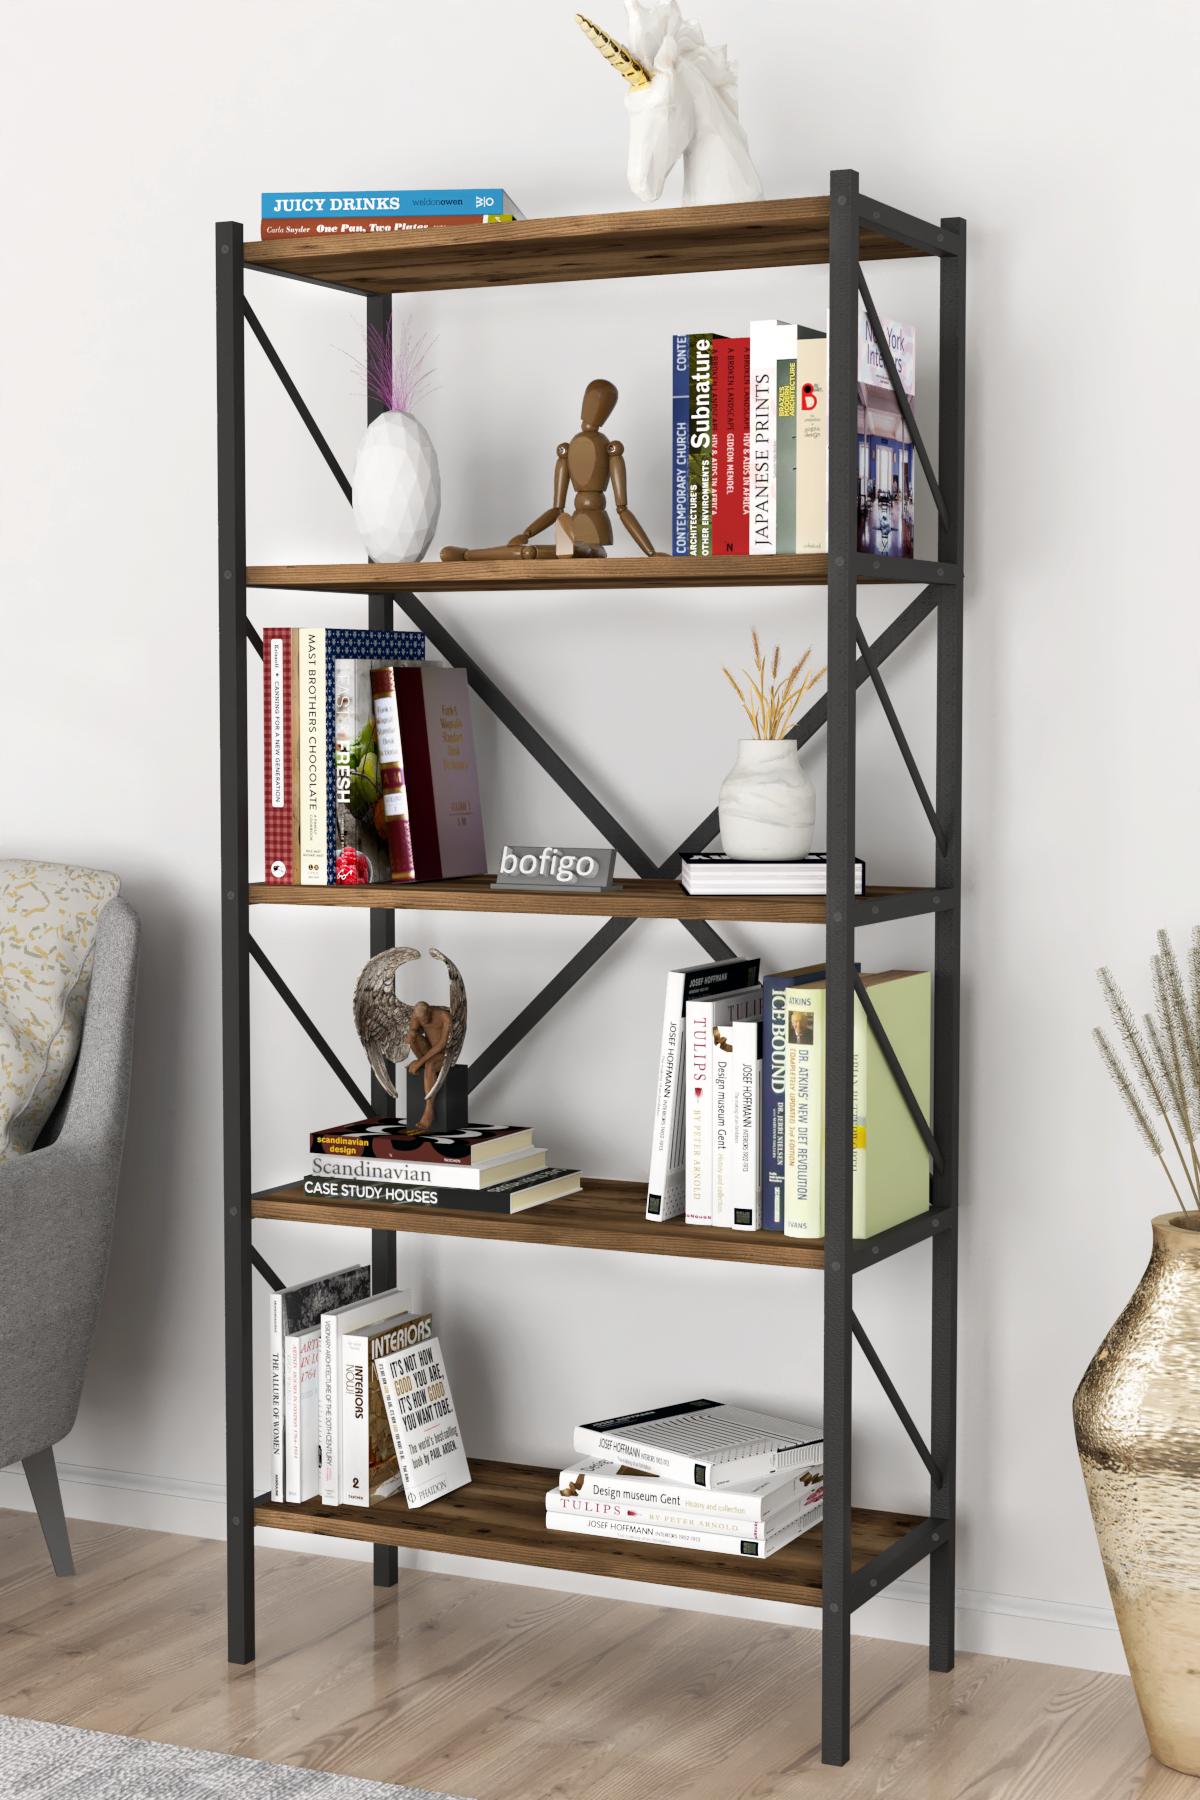 Bofigo Decorative 5 Shelf Bookcase Metal Bookcase Patik